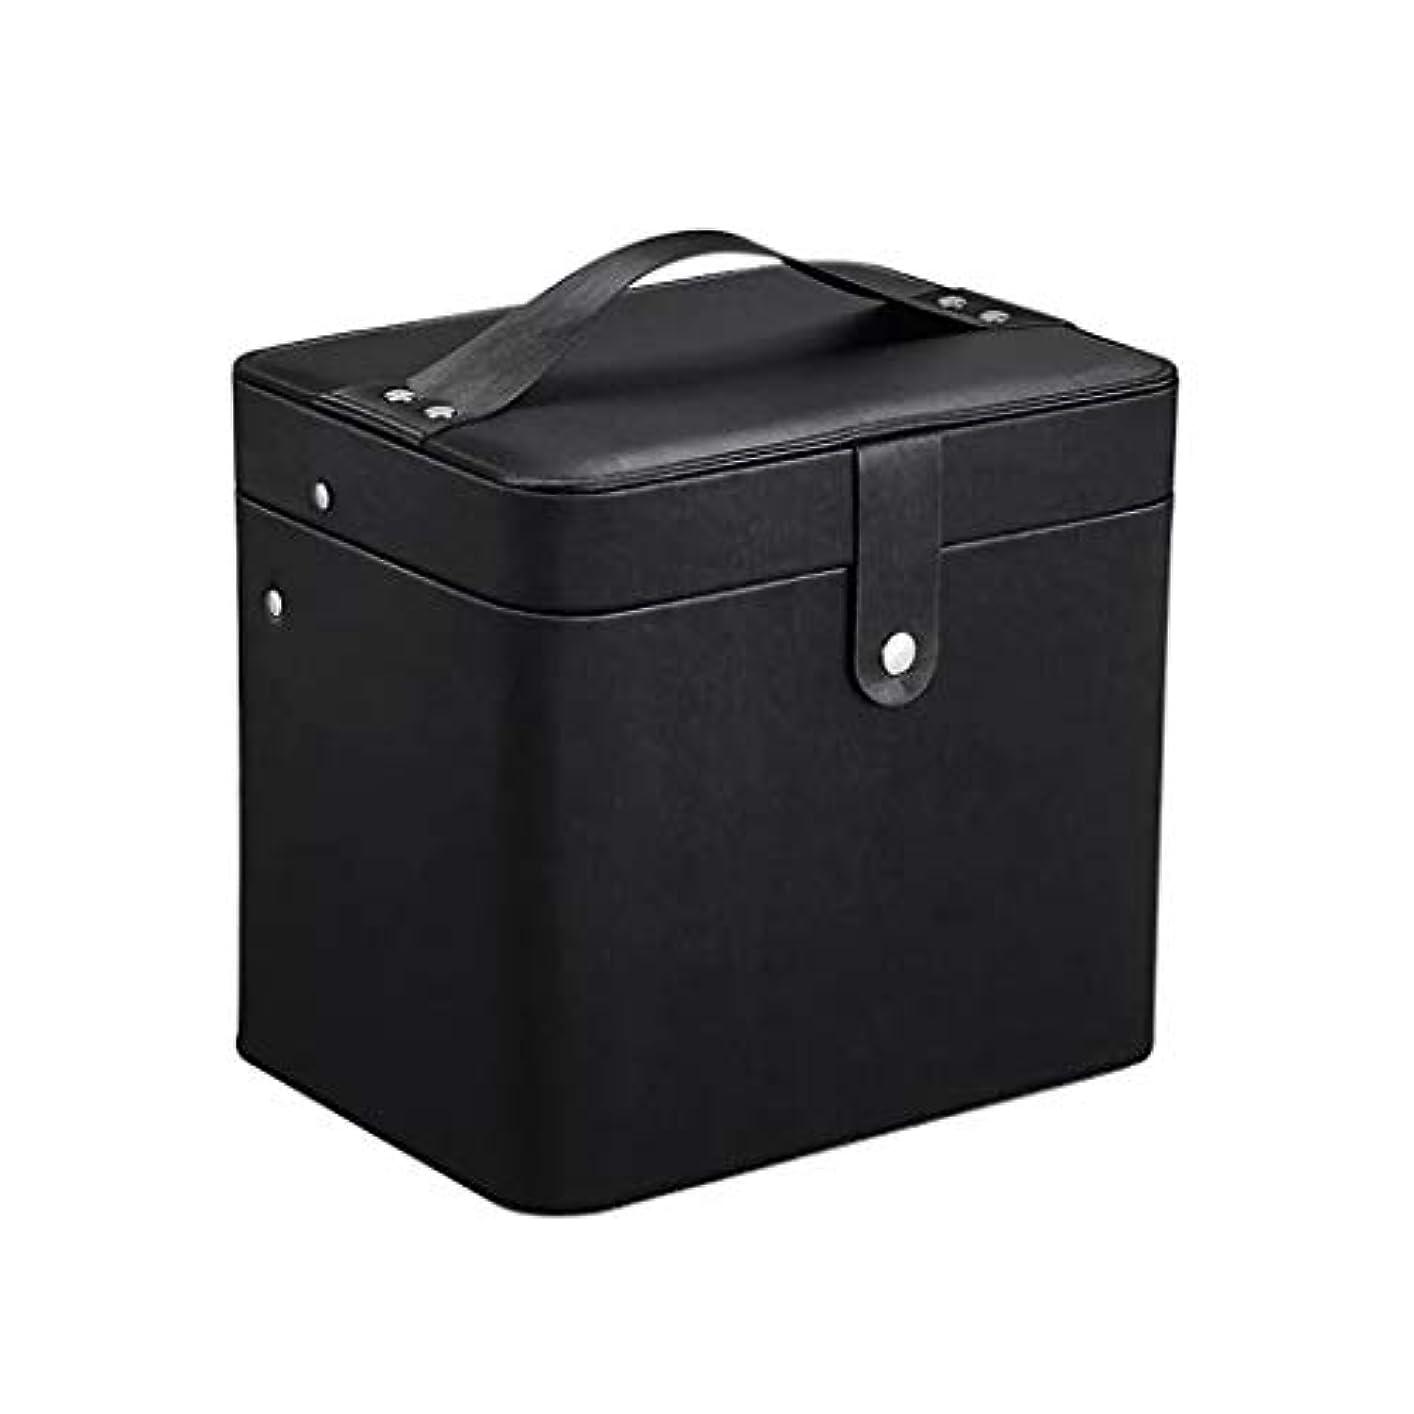 社員菊言い聞かせるSZTulip コスメボックス メイクボックス 大容量収納ケース メイクブラシ化粧道具 小物入れ 鏡付き 化粧品収納ボックス (ブラック)